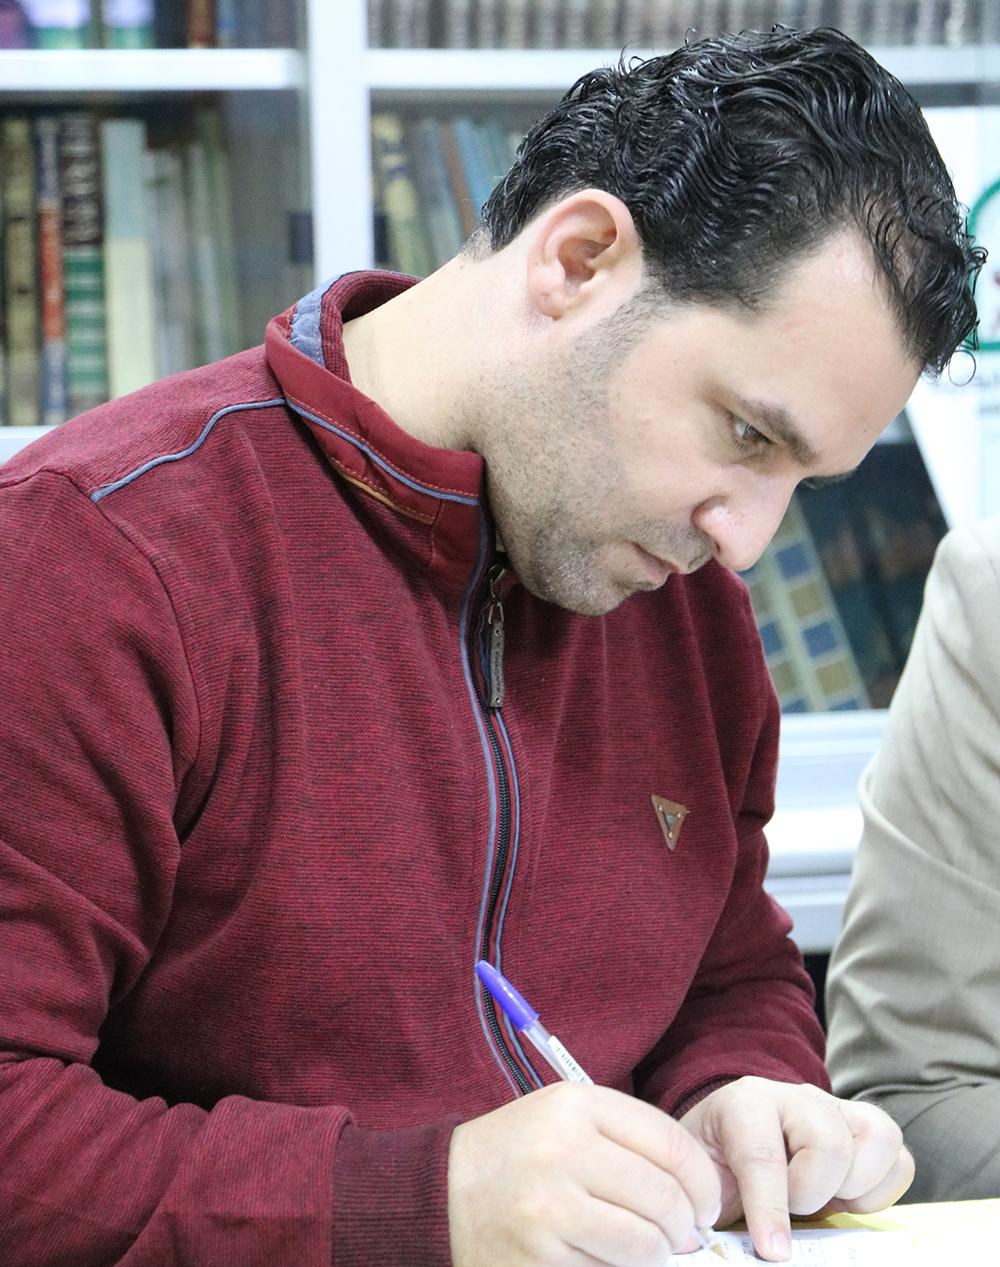 المسابقة السنوية (20) في حفظ القرآن الكريم وتلاوته